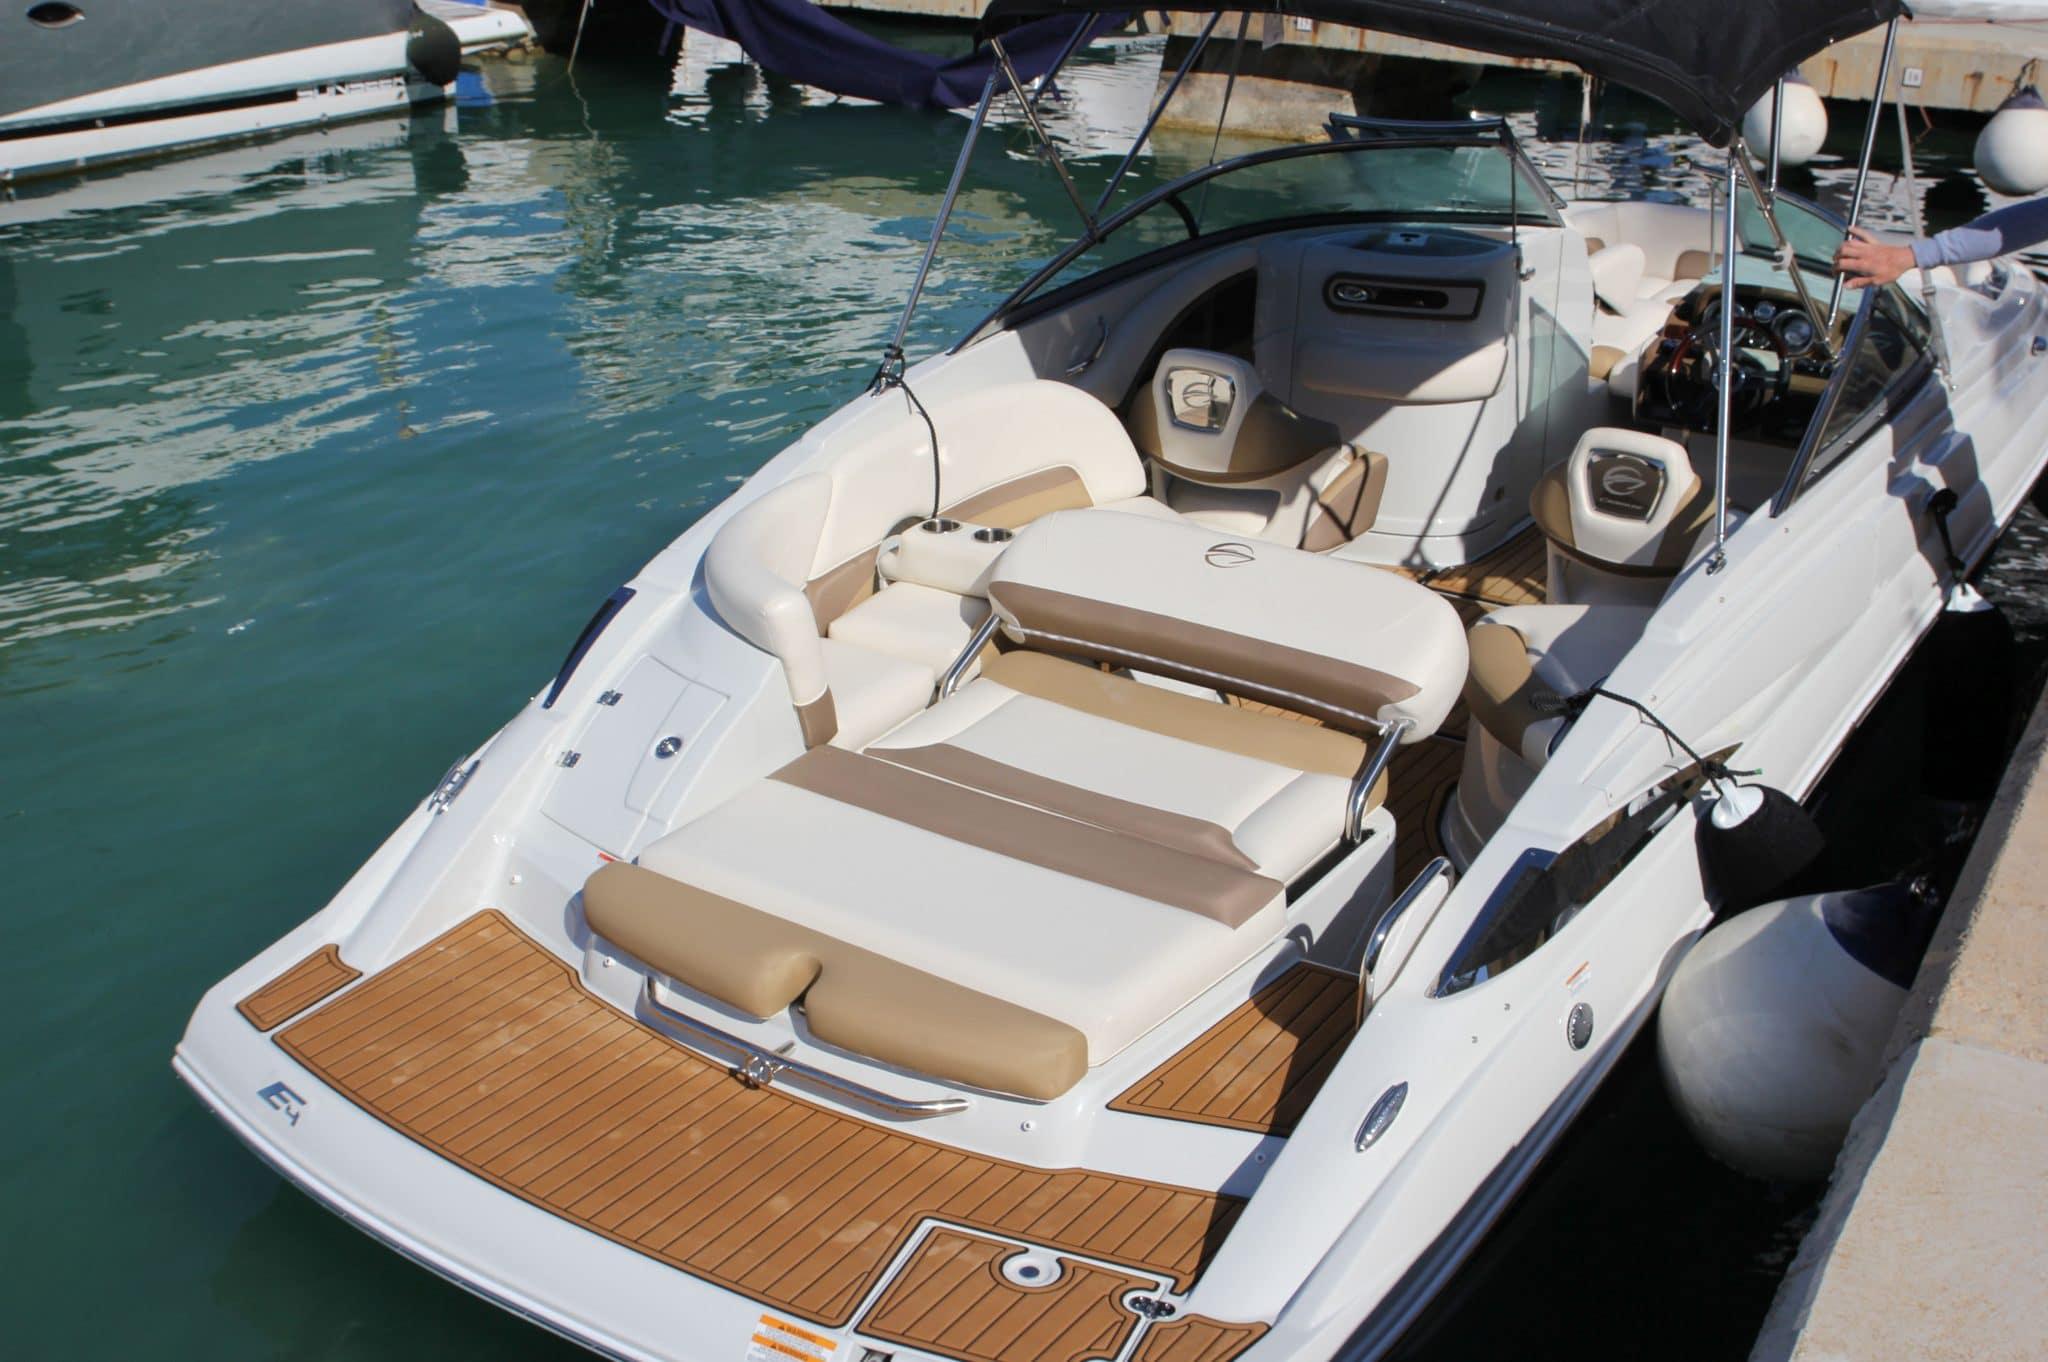 Motorboot_CrownlineE4_24ft_2-2048×1362